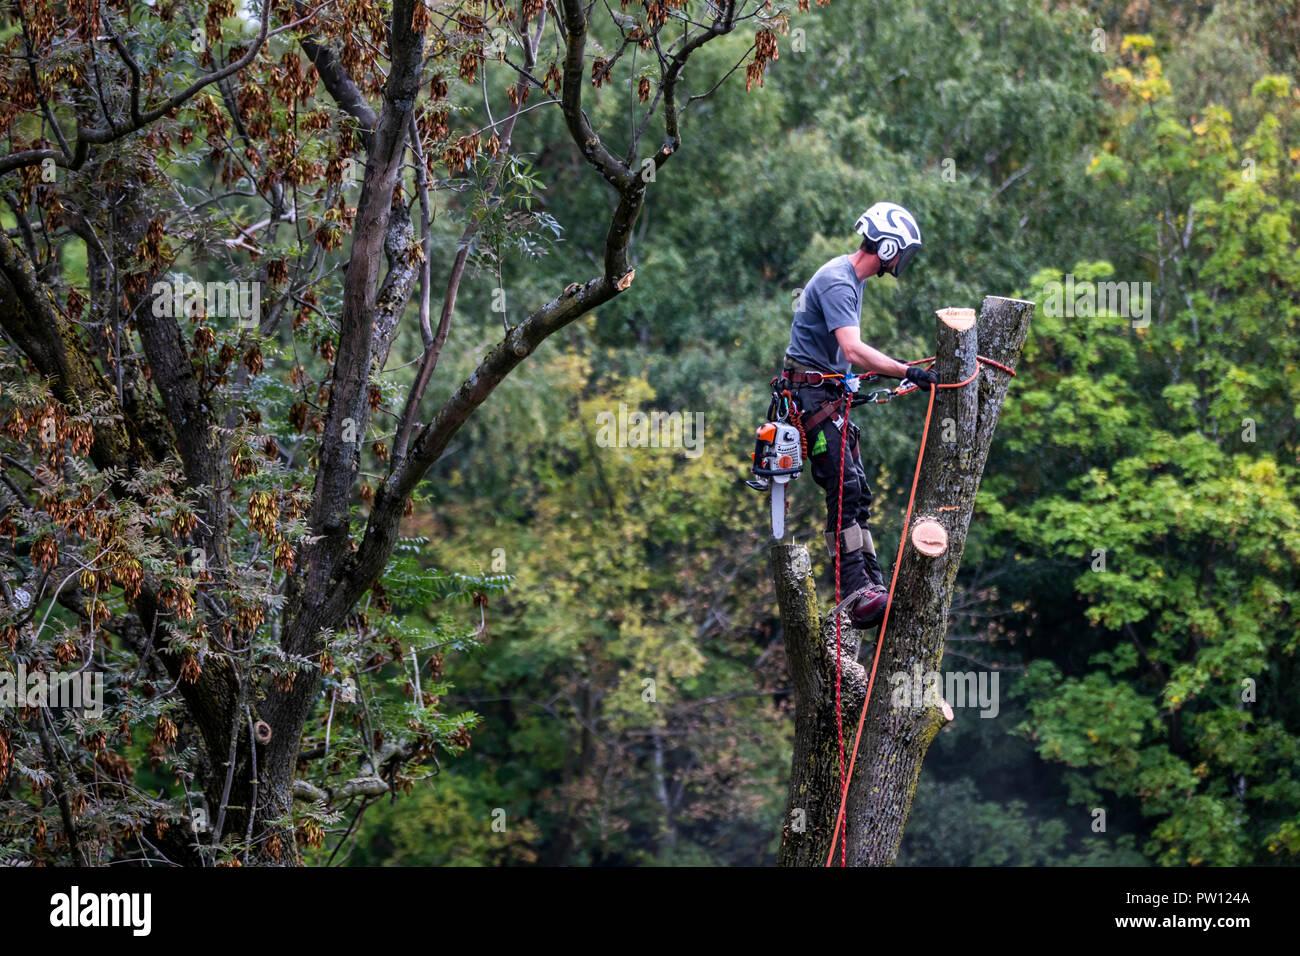 Kletterausrüstung Baum Fällen : Tree climber industriekletterer fällt ein laubbaum klettert mit